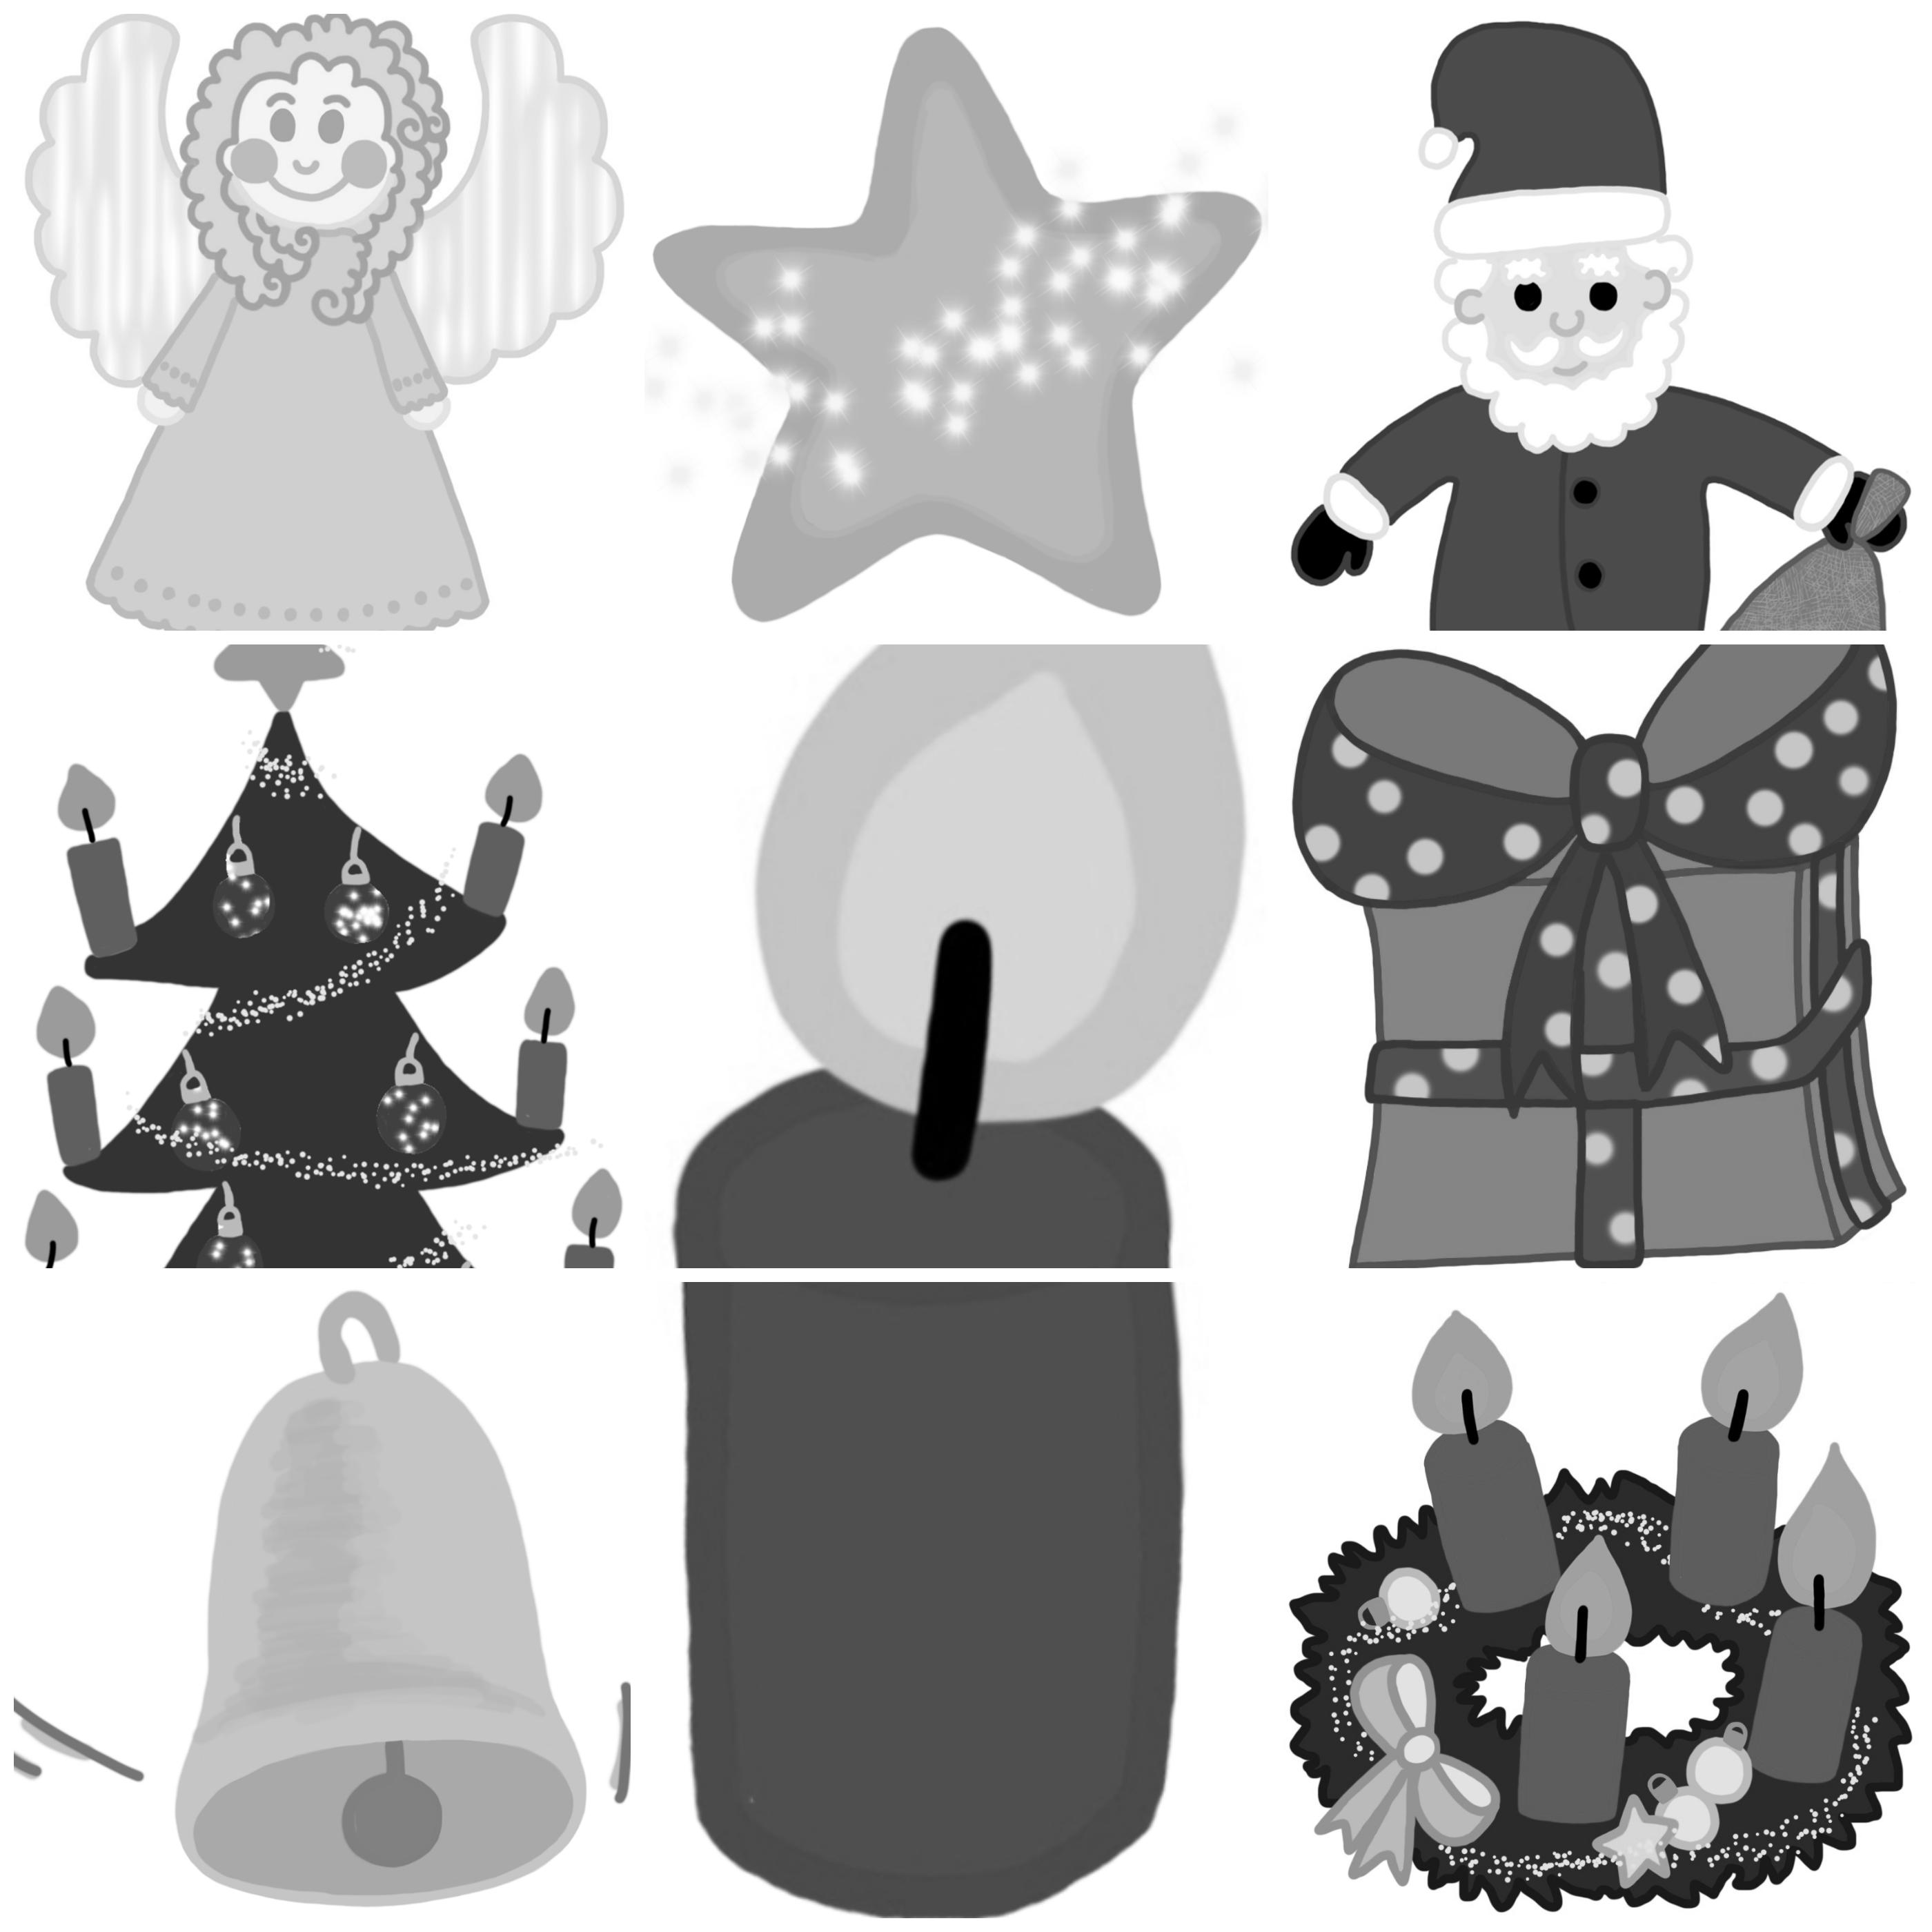 Bilder Weihnachten Clipart.Clipart Bundle Weihnachten Schwarz Weiß Blog Bildung Leben